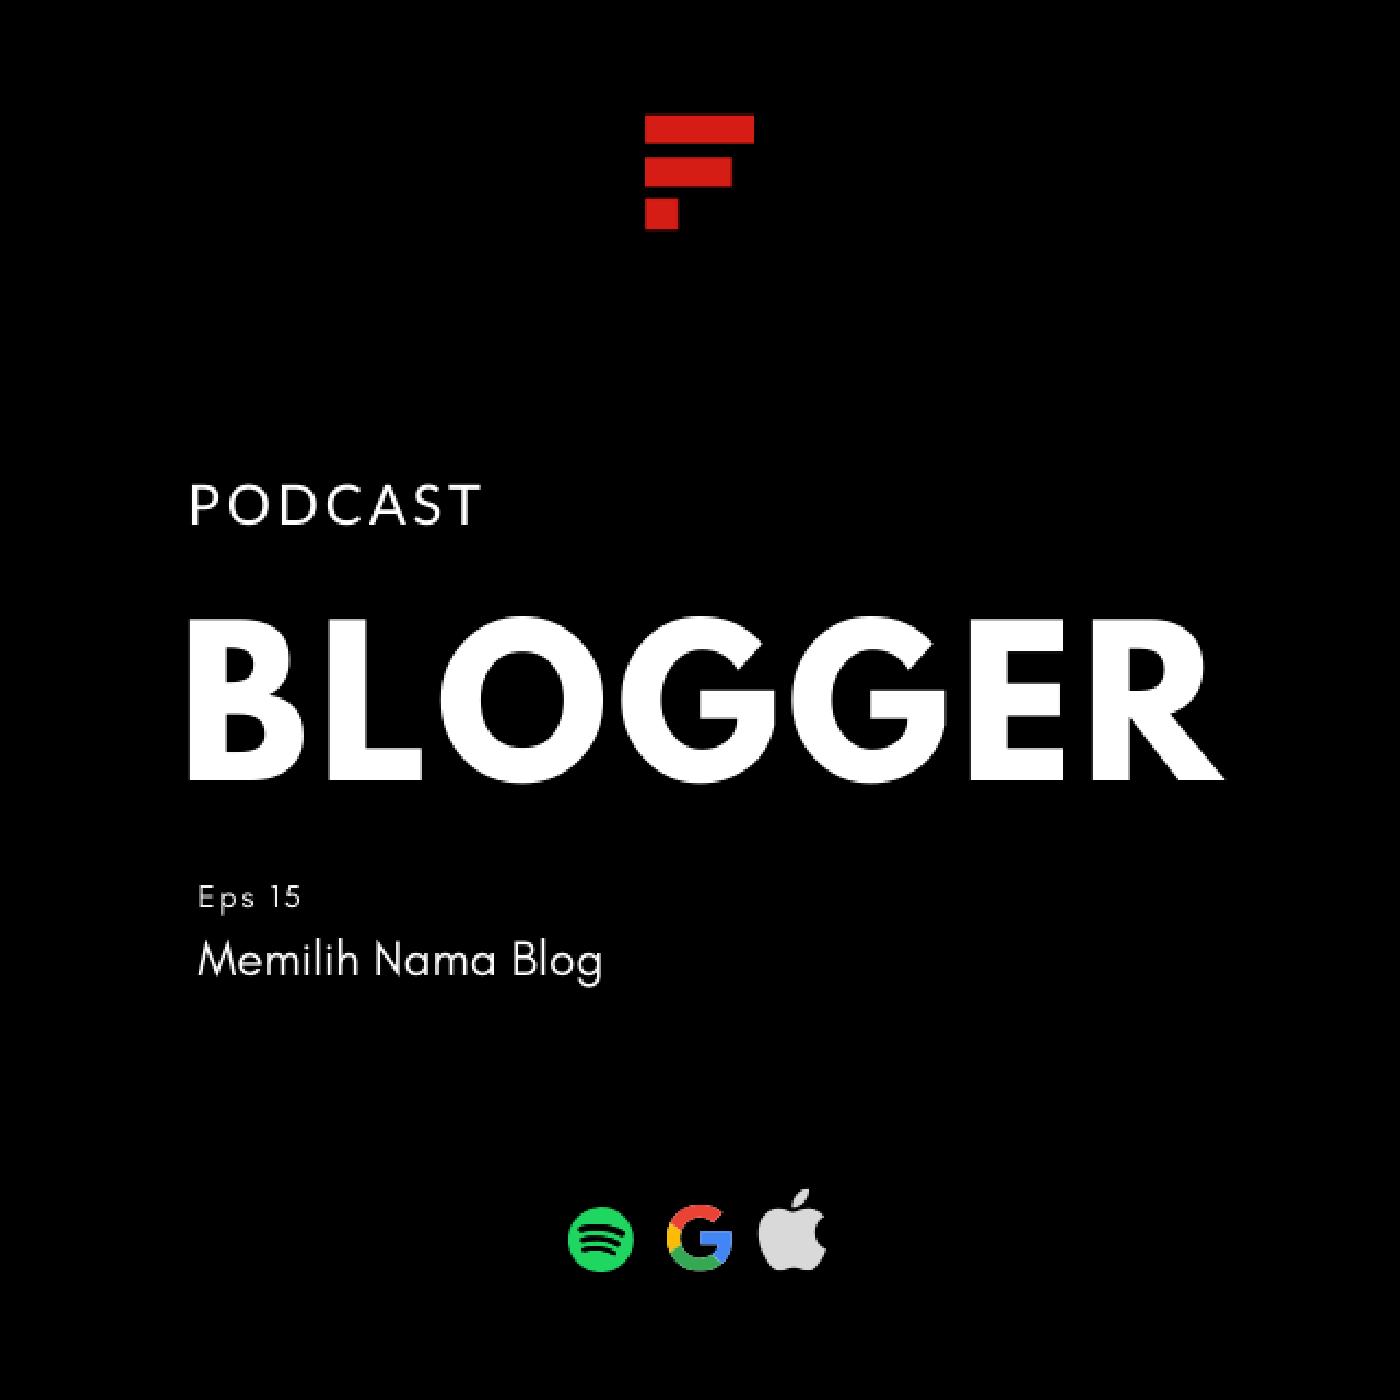 EPS15: Memilih Nama Blog